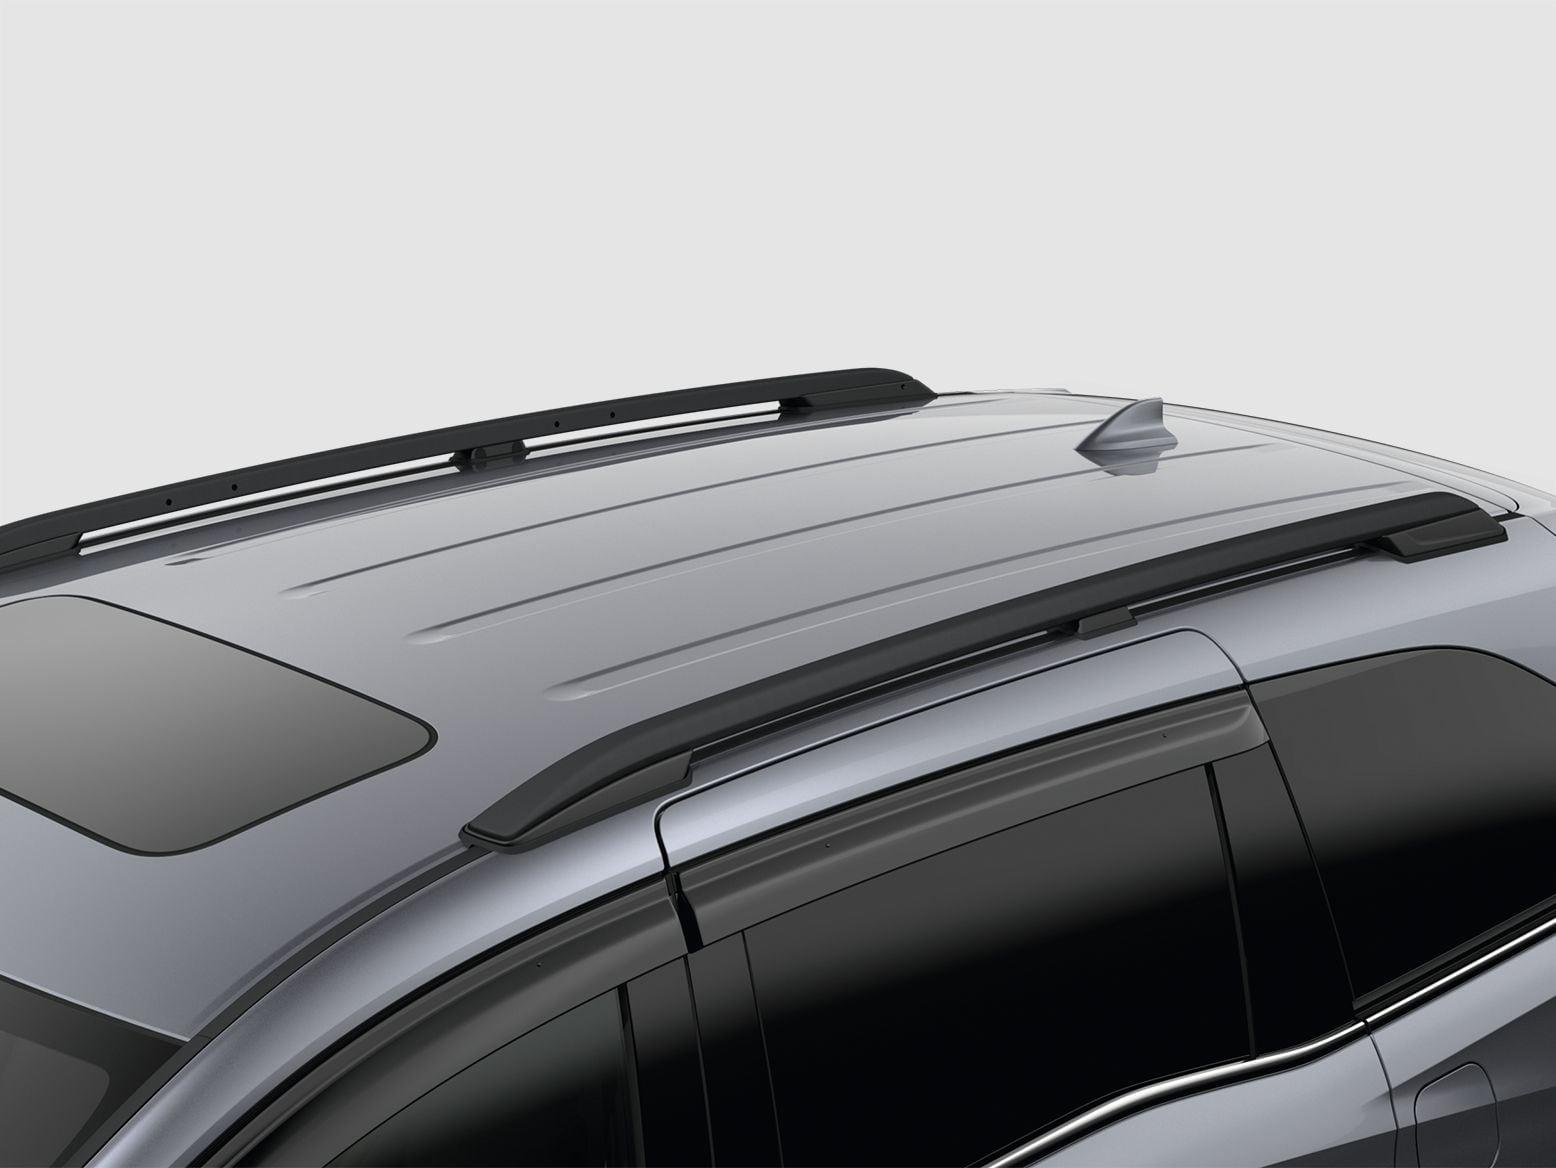 Honda Online Store 2018 Odyssey Roof Rails Black For Crossbars